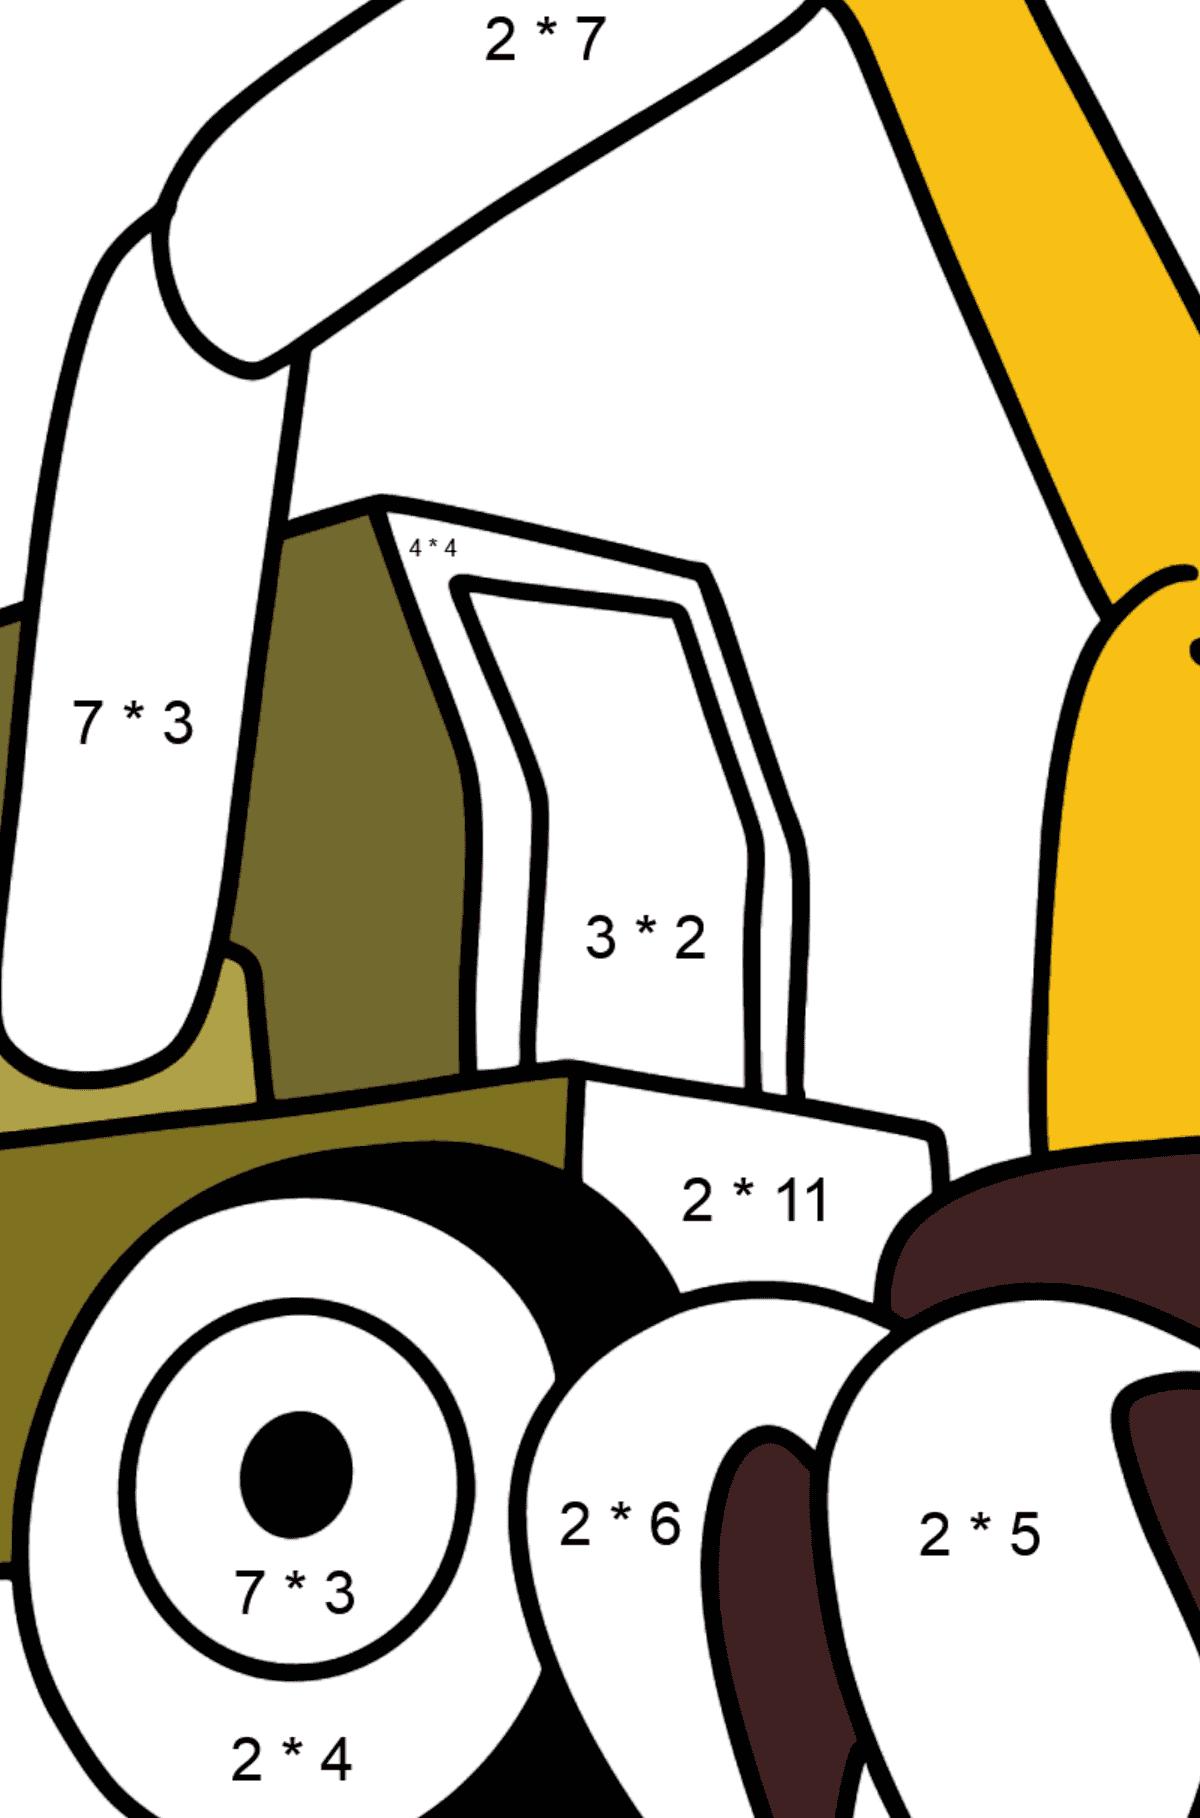 Раскраска строительный трактор - Математическая Раскраска - Умножение для Детей